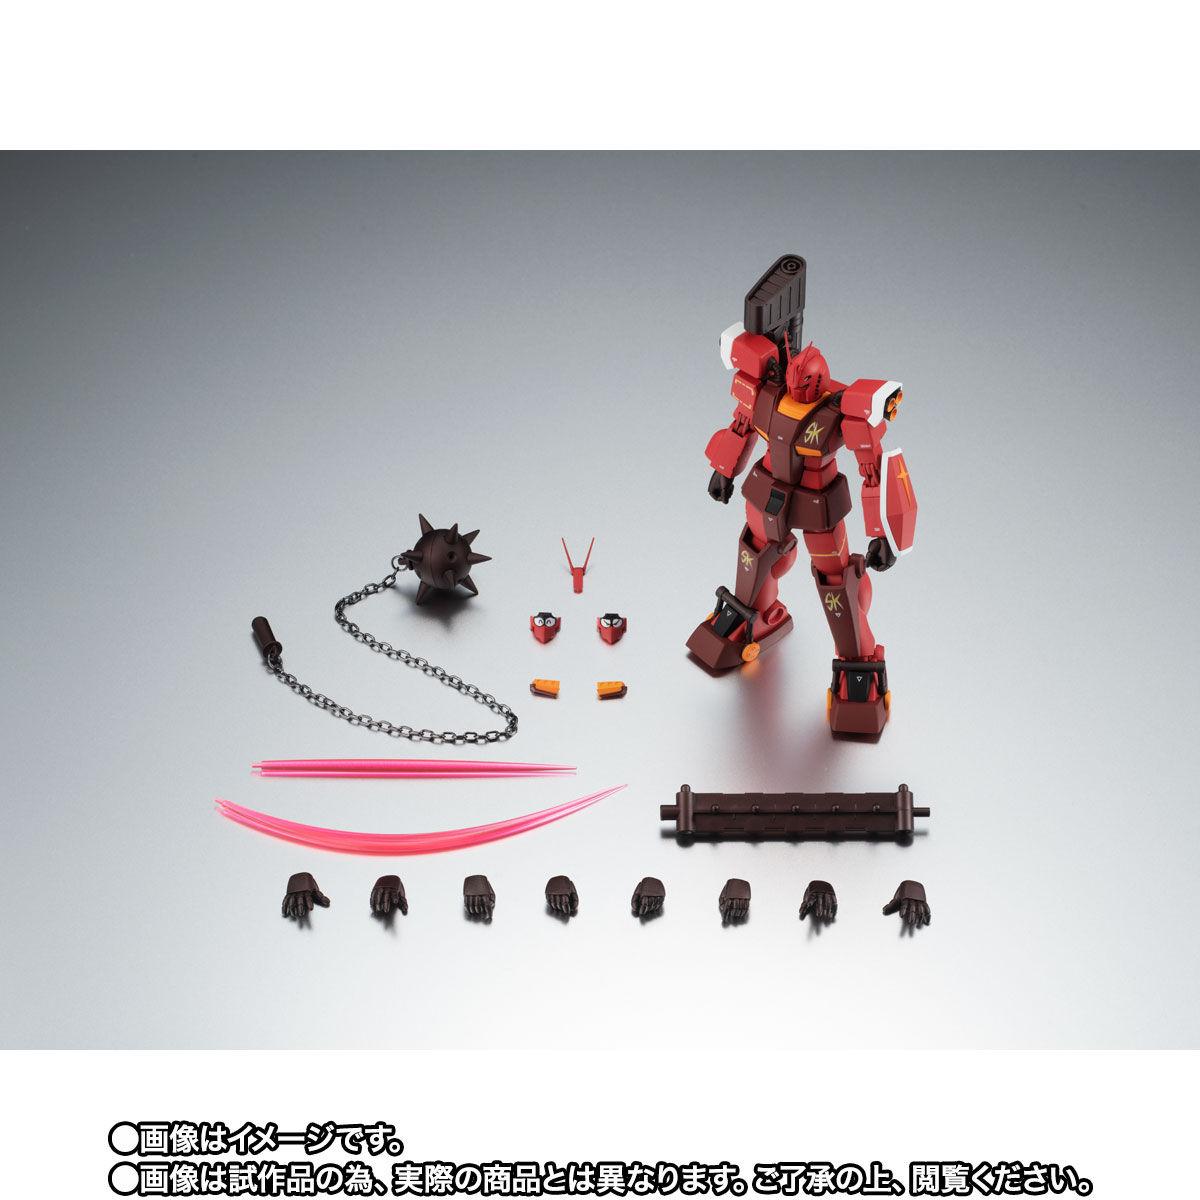 【限定販売】ROBOT魂〈SIDE MS〉『PF-78-3 パーフェクトガンダムIII(レッドウォーリア)ver. A.N.I.M.E.』プラモ狂四郎 可動フィギュア-010